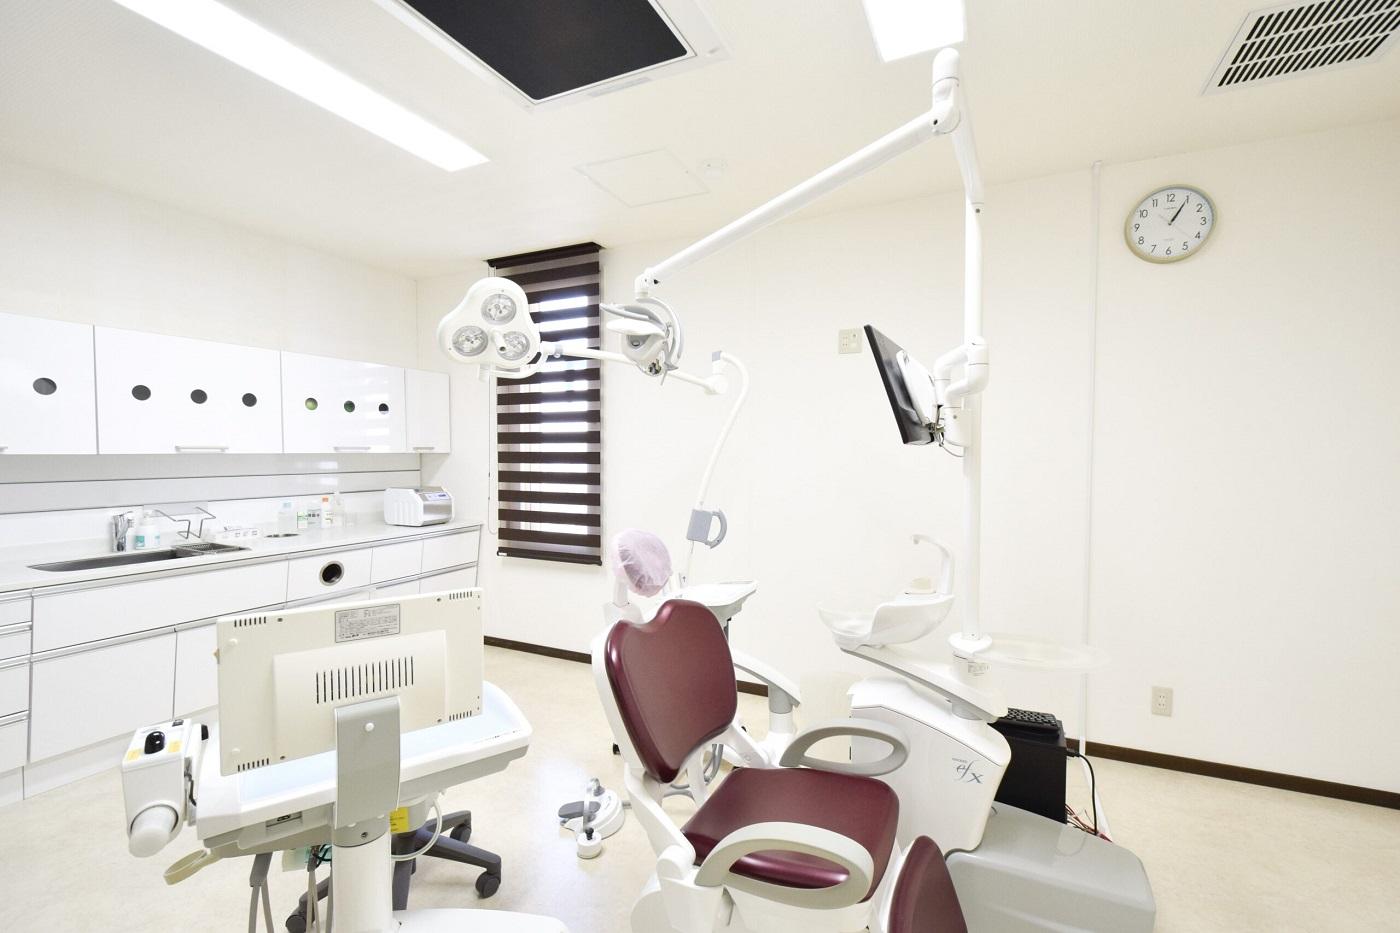 清潔なオペ室で行われる、安全性が高い手術